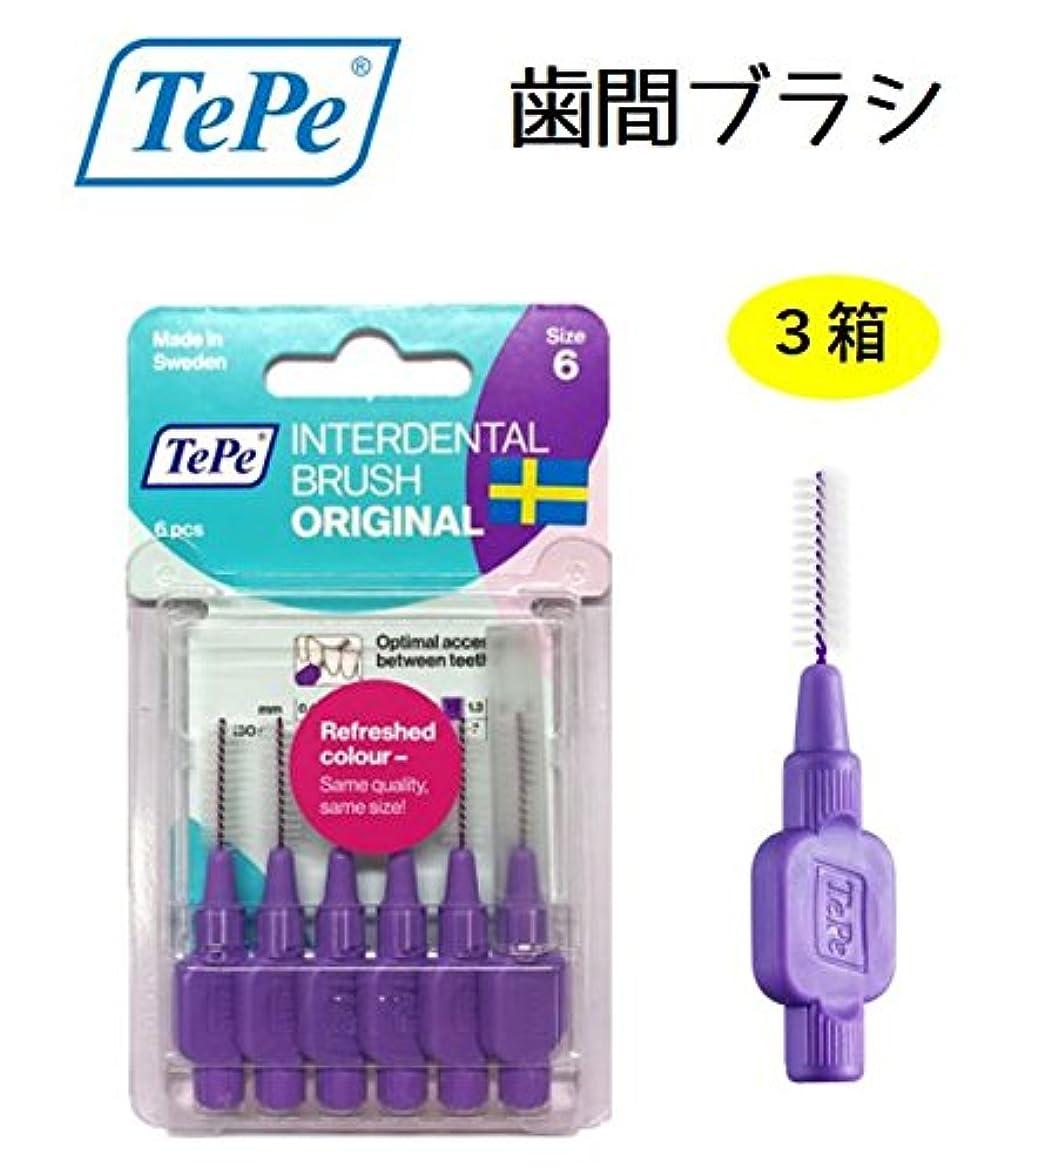 小康革新ご予約テペ 歯間プラシ 1.1mm ブリスターパック 3パック TePe IDブラシ